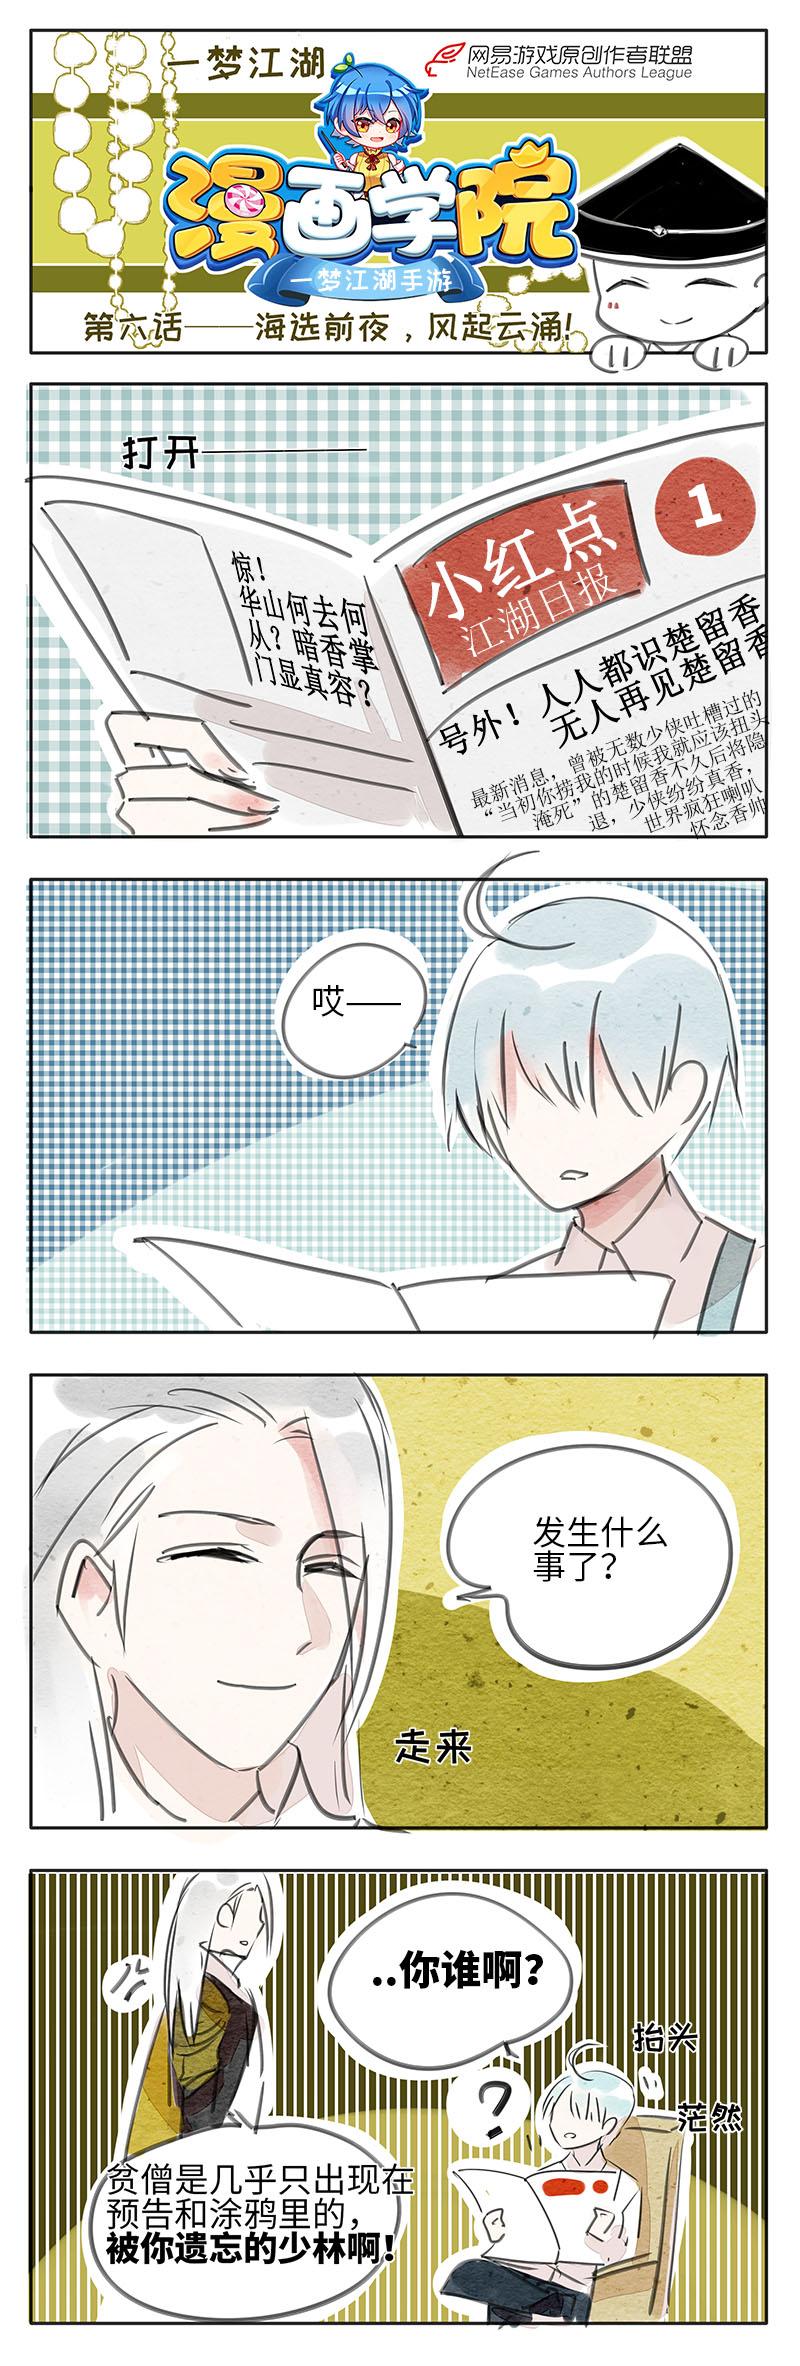 【原创作者联盟】【漫画学院】出道吧!一梦江湖!(第六话)(共9P)